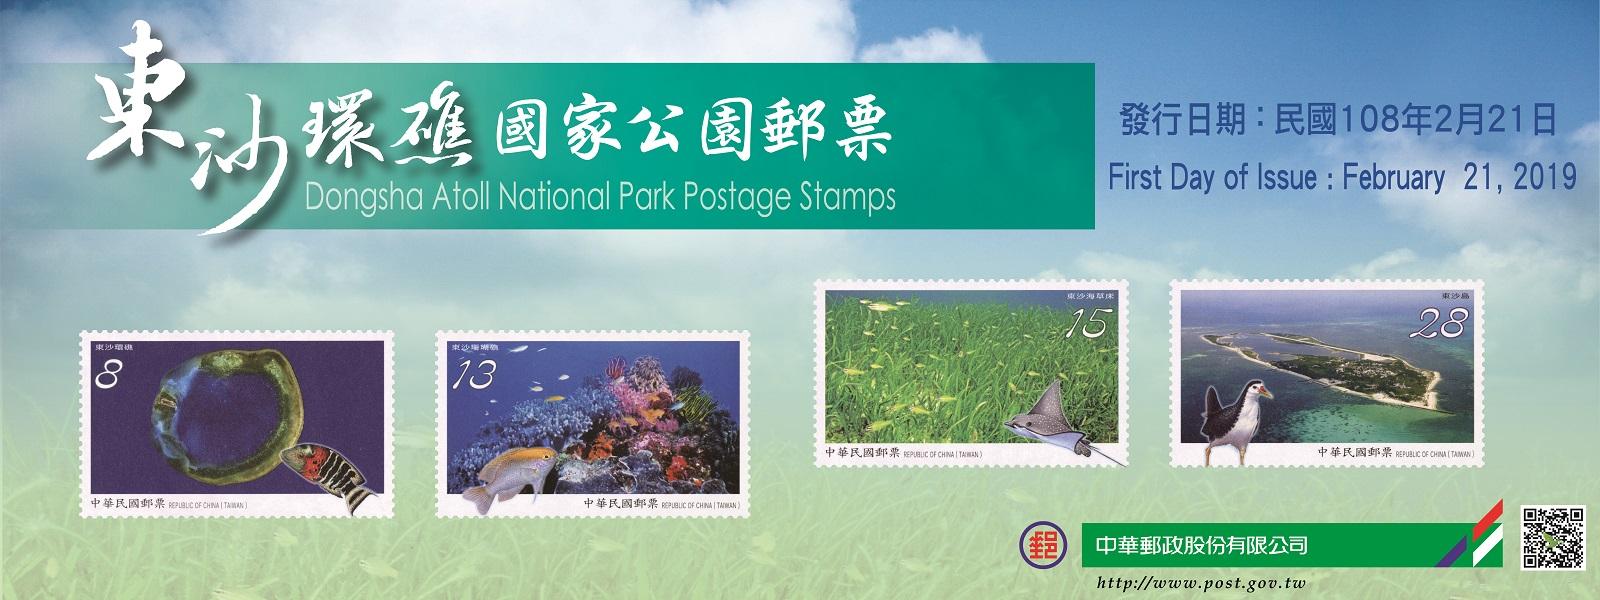 廣告連結:特674 東沙環礁國家公園郵票